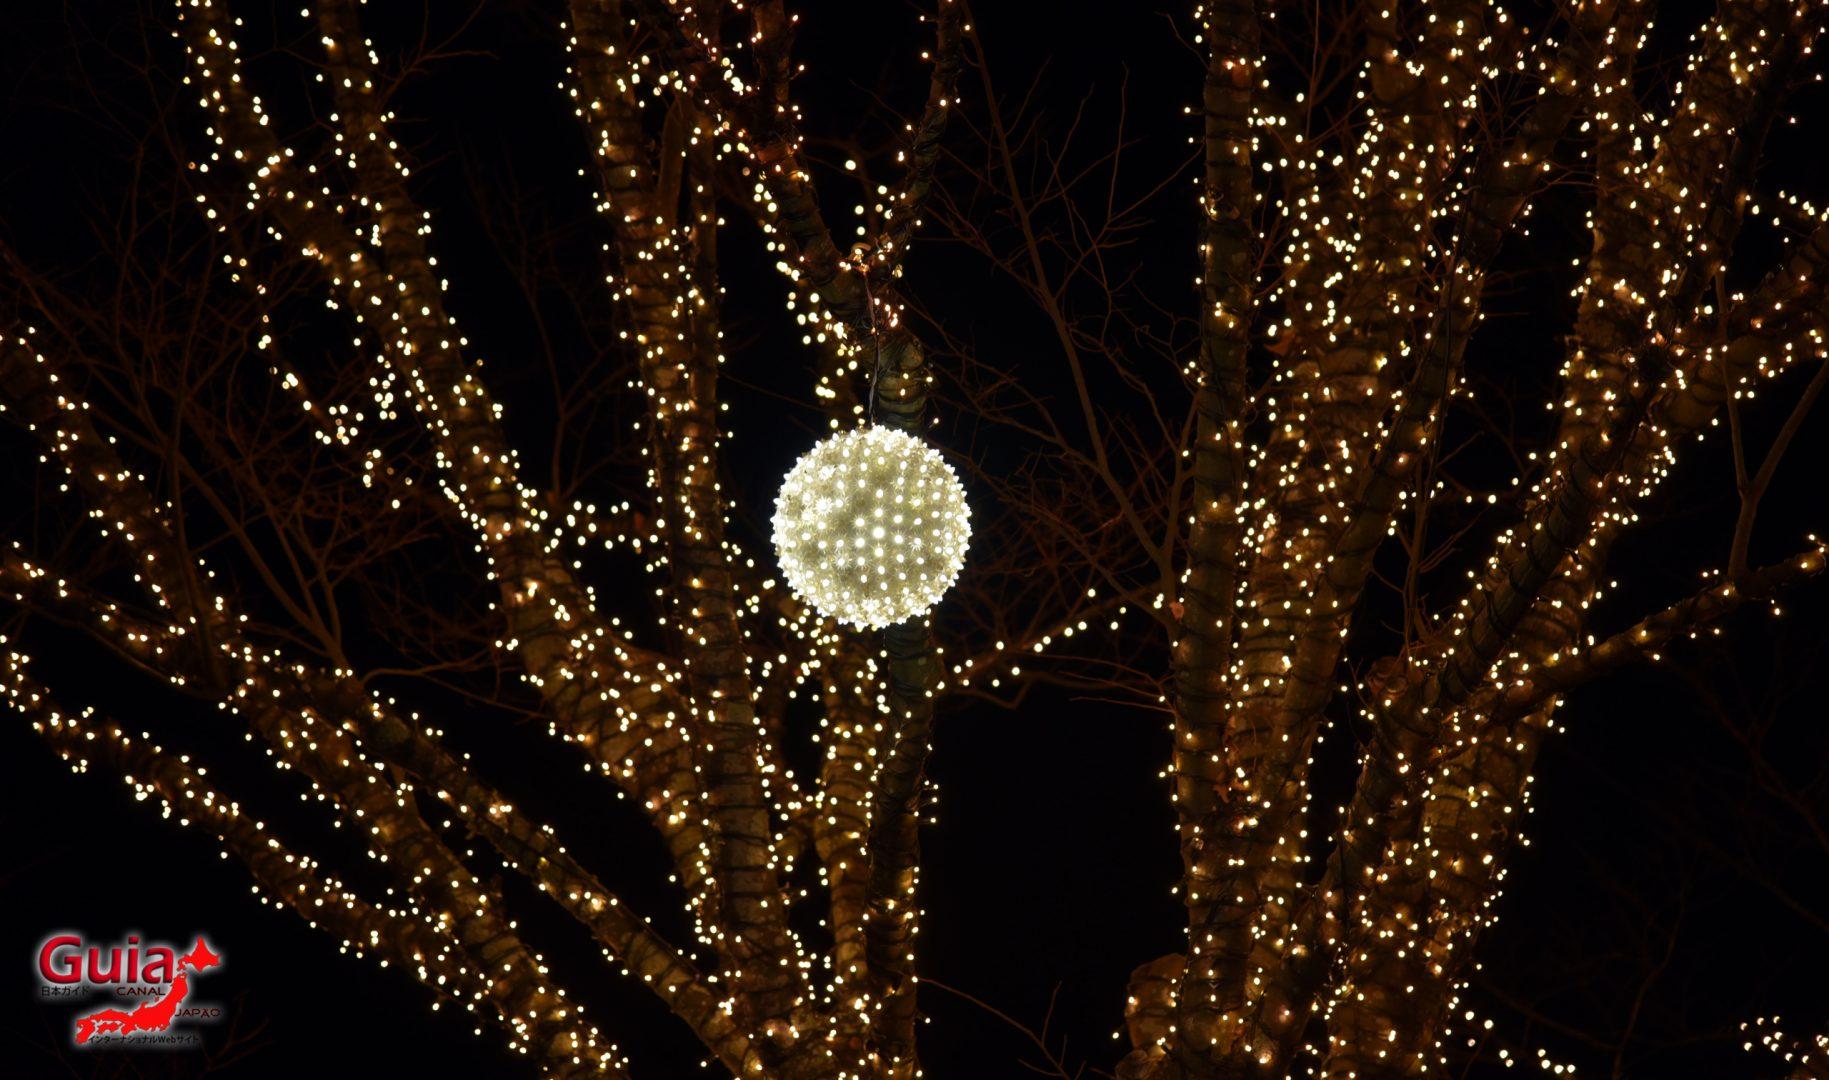 Мэйжи-Мура музей - Баярын гэрэлтүүлэг 24